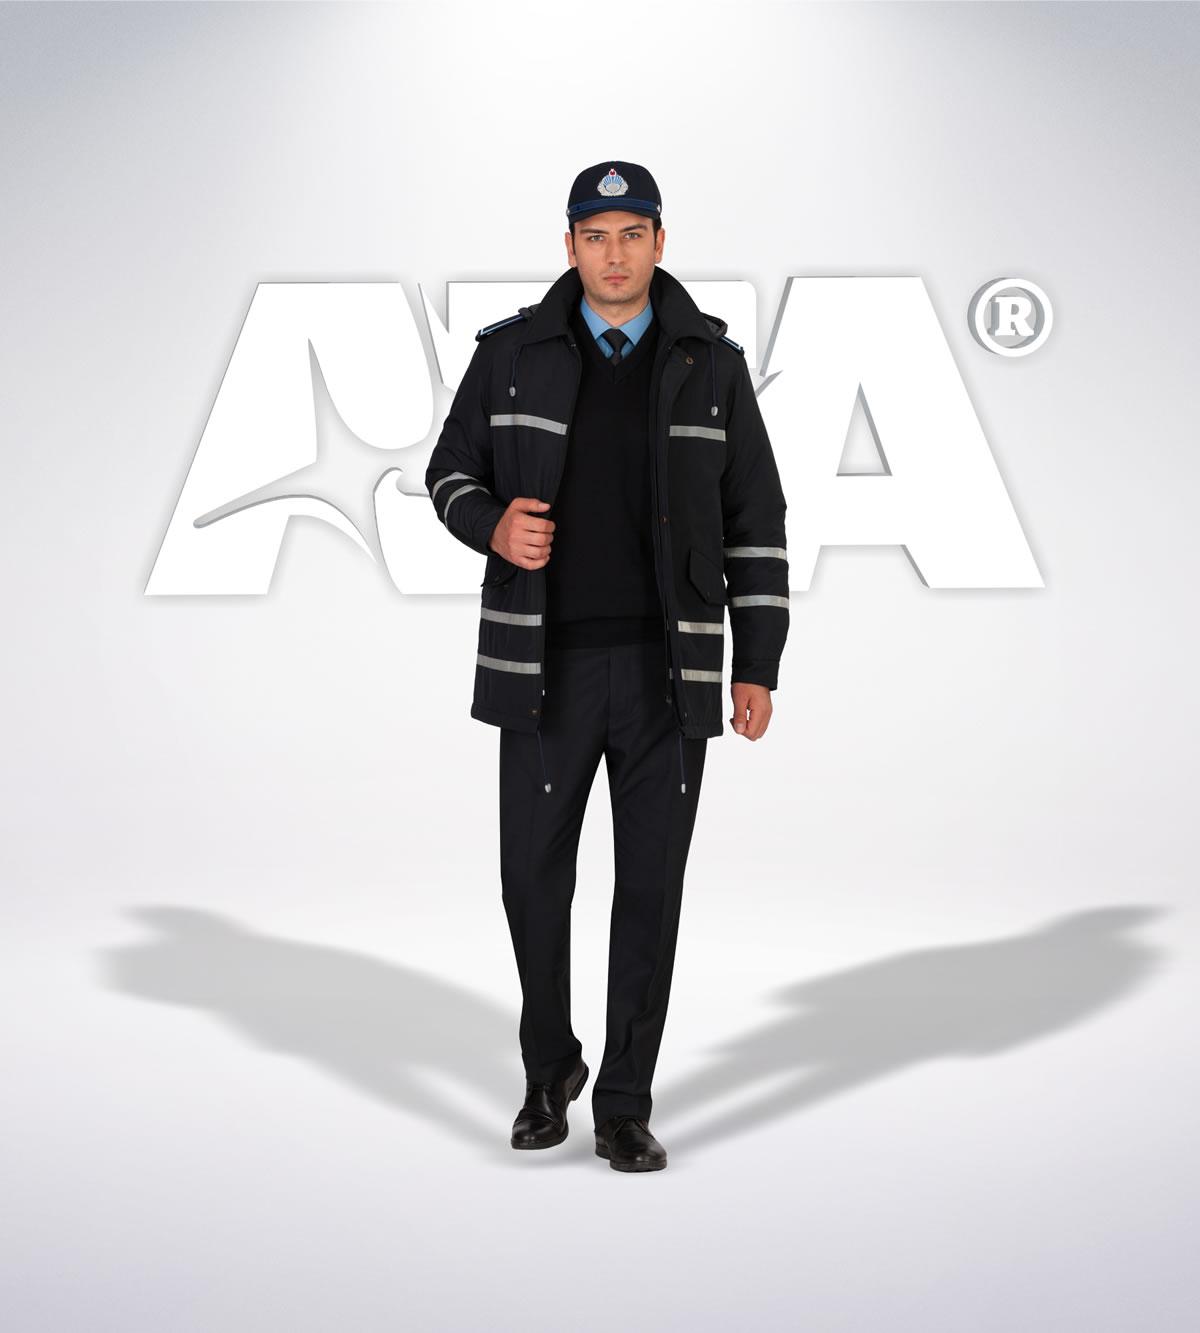 ATA 216 - ön - Pantolon kışlık -mont-reflektör-aksesuar - zabıta elbiseleri | zabıta üniformaları | zabıta kıyafetleri